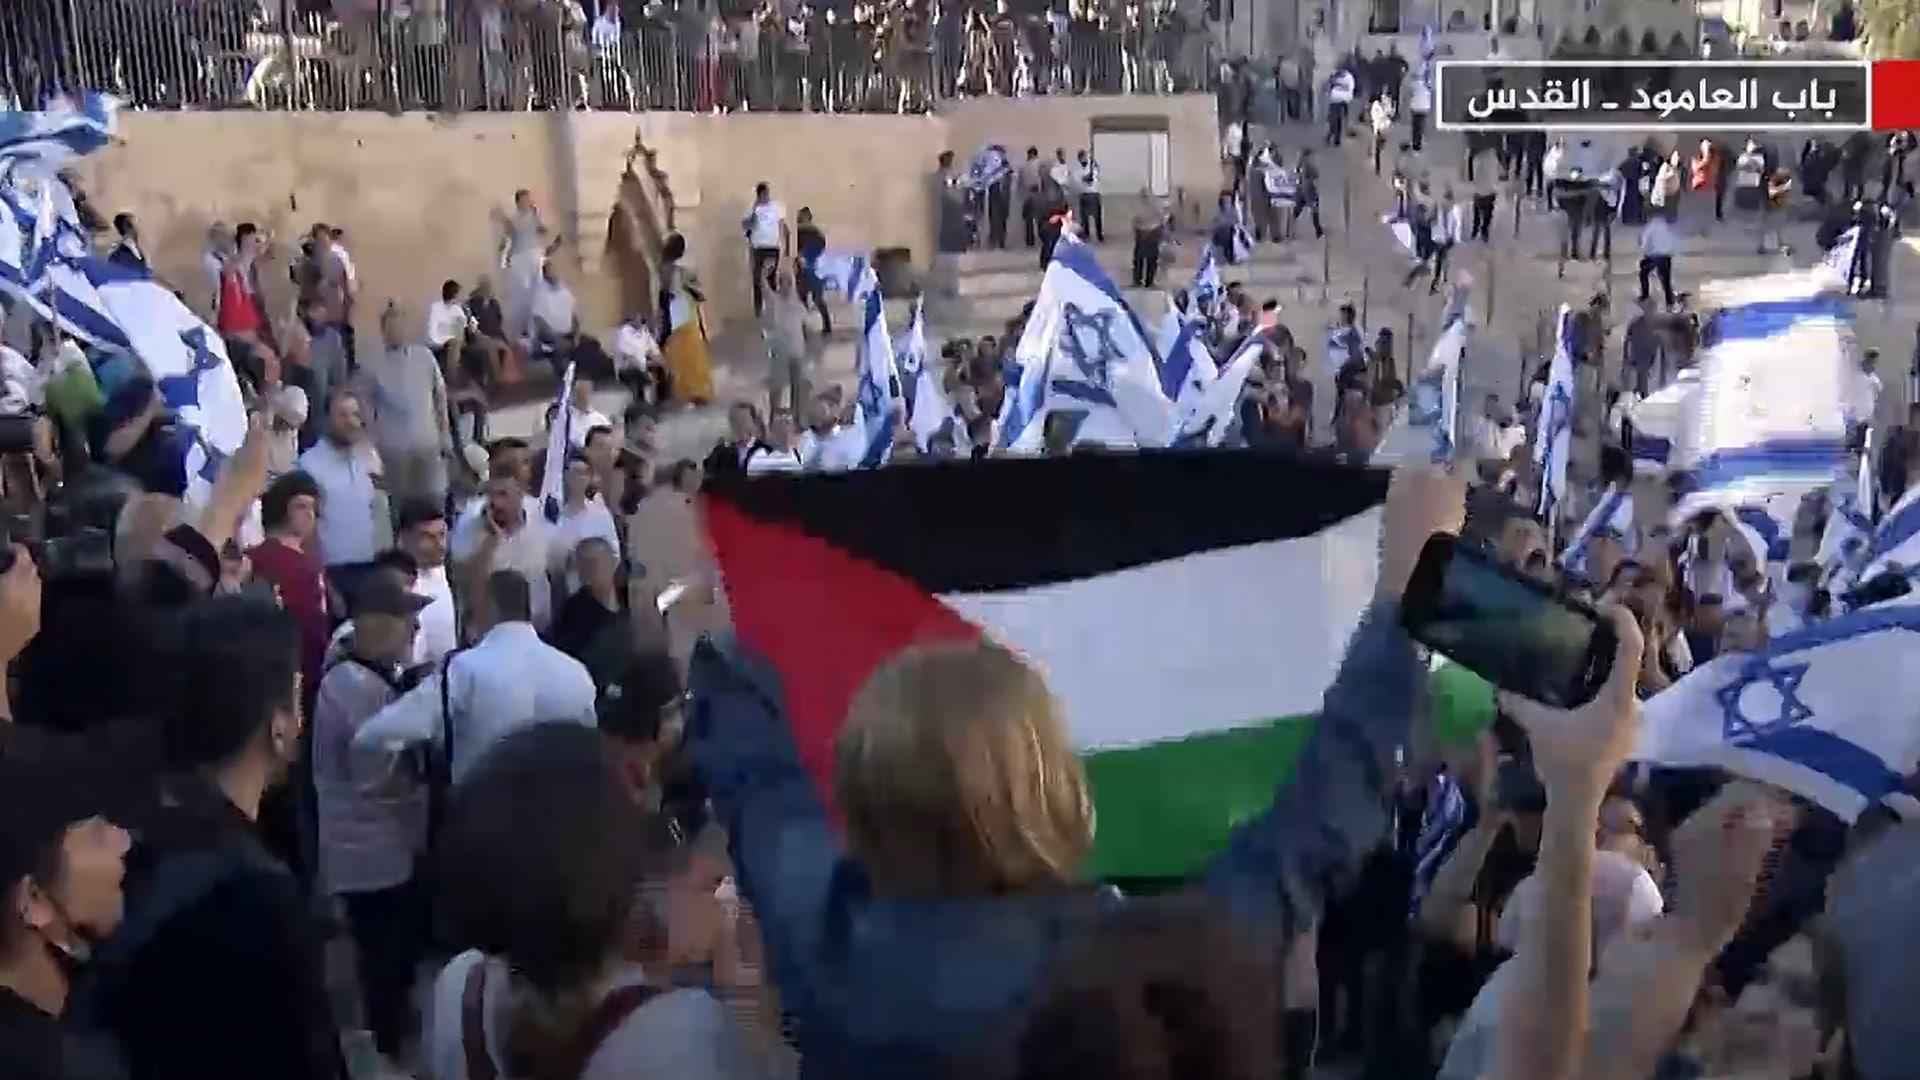 هالة أبو غربية تتحدى الاحتلال